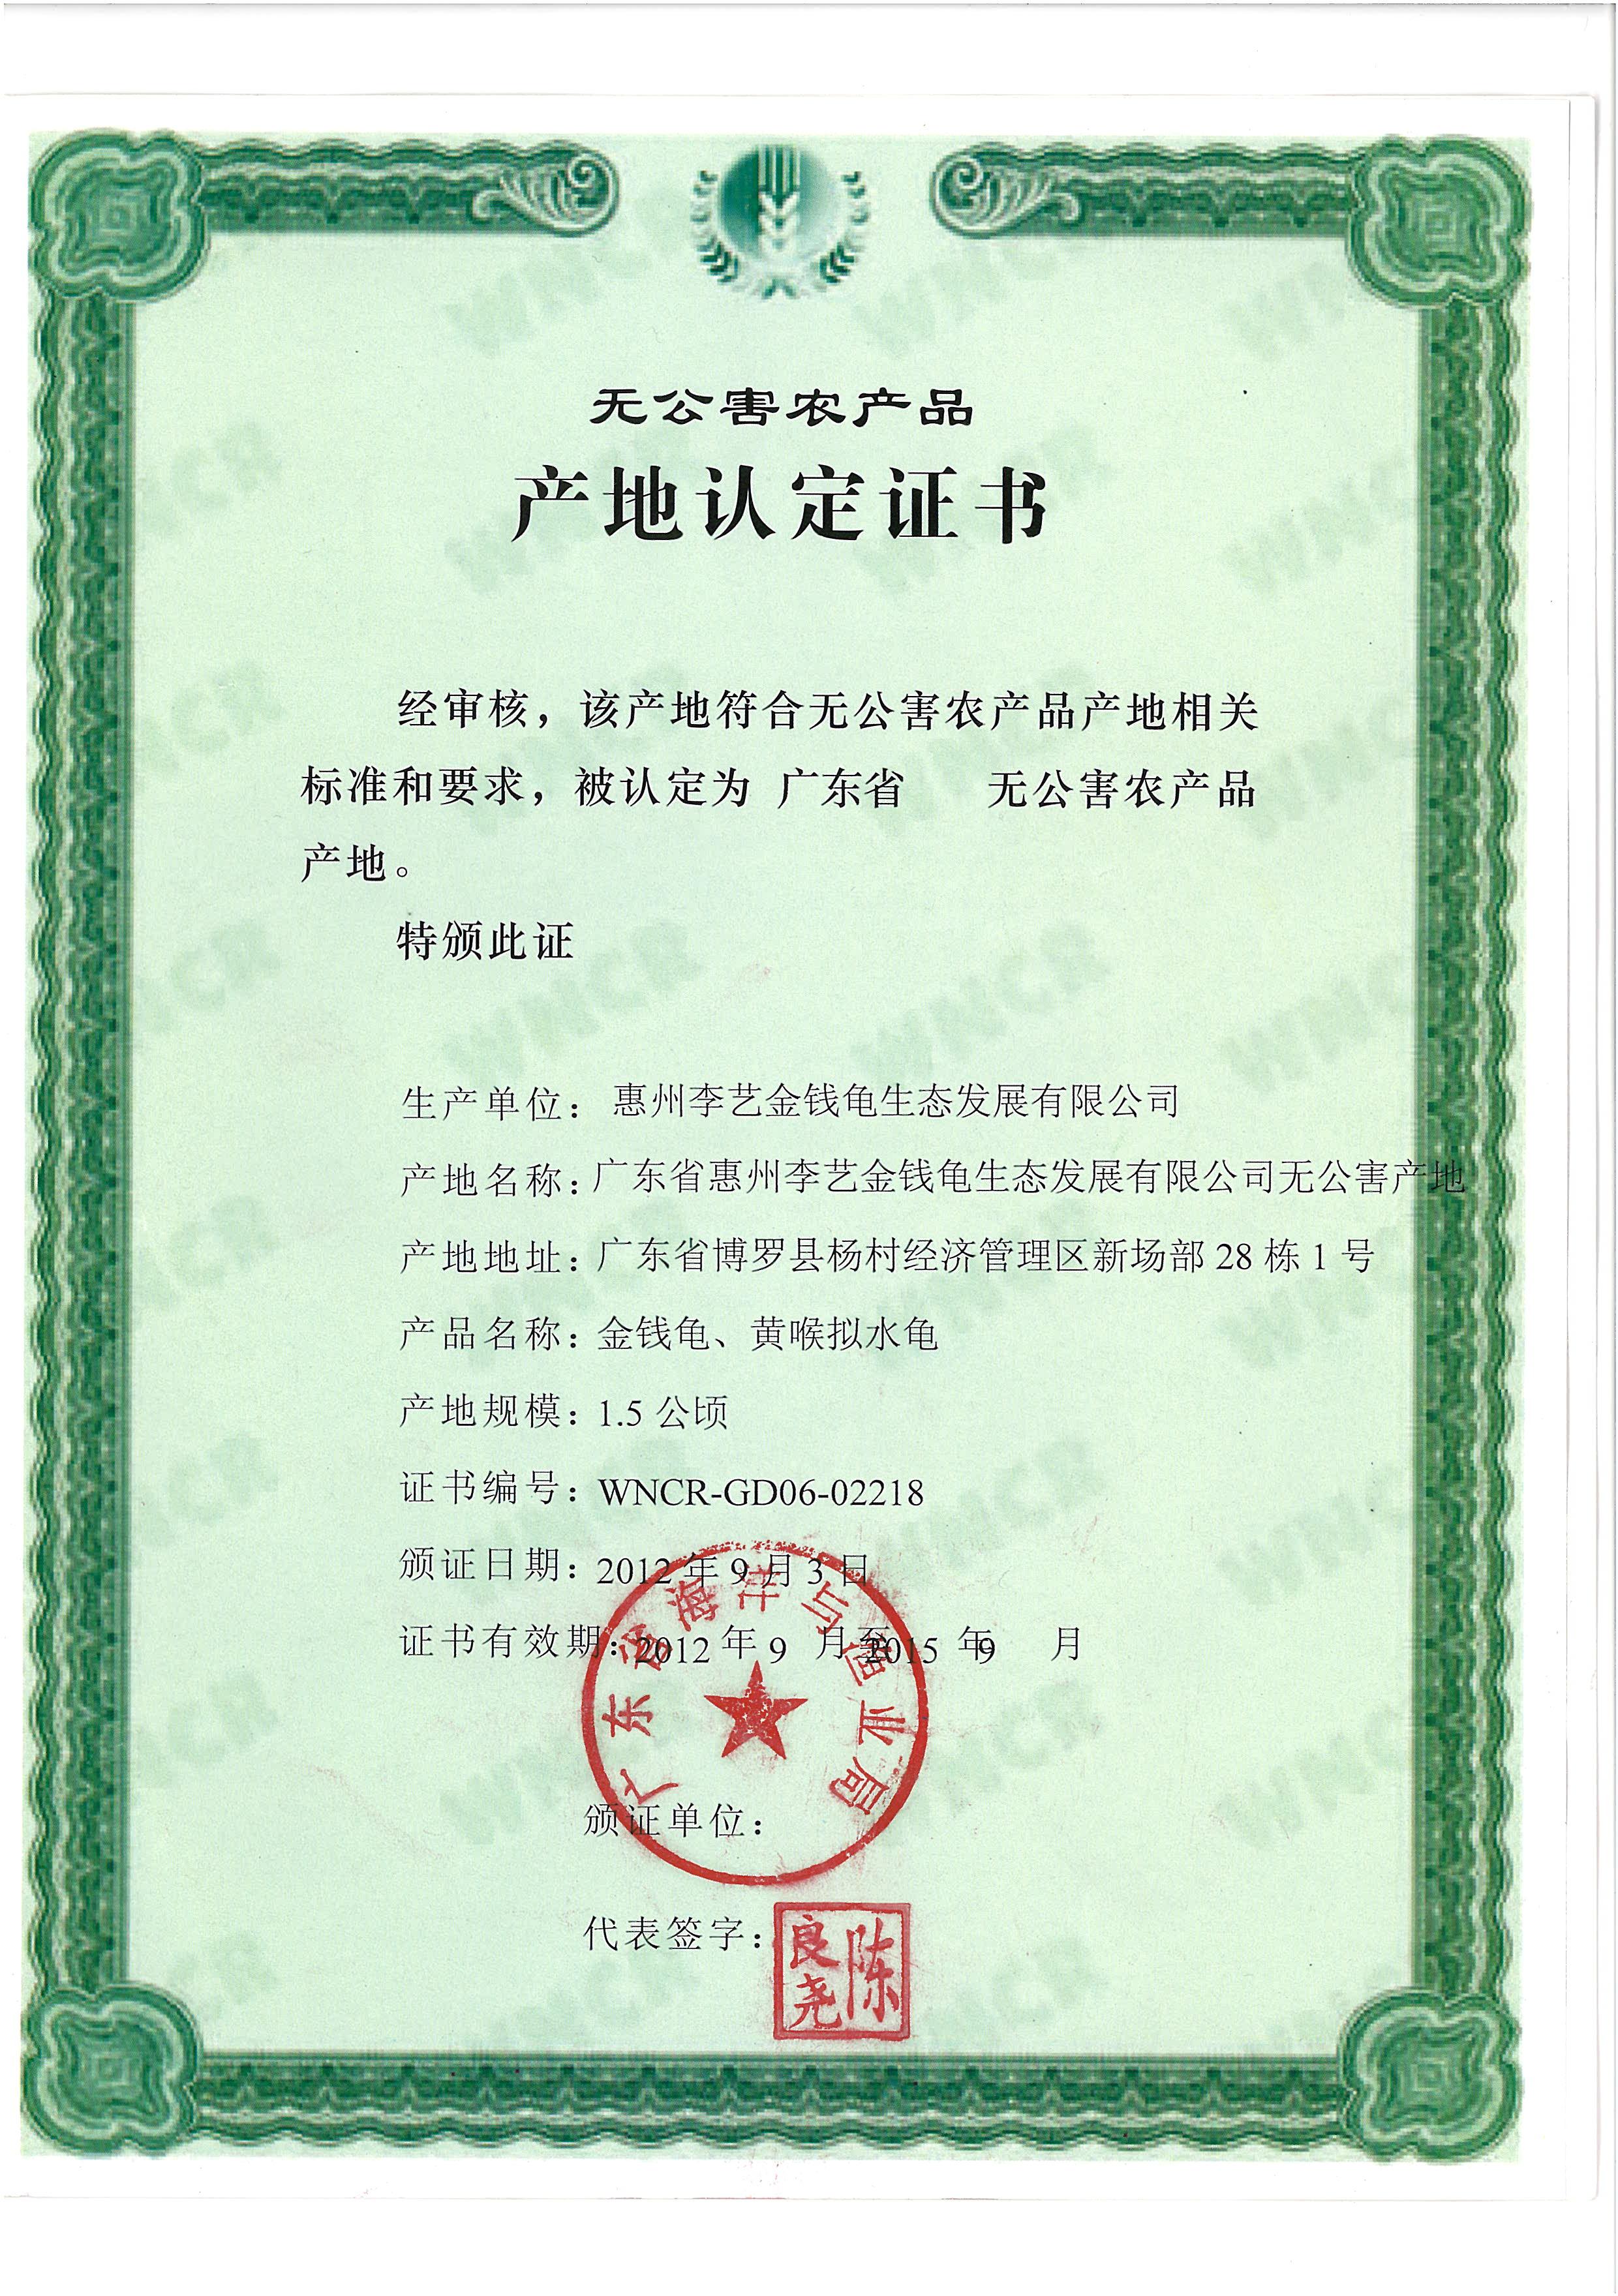 無公害農產品產地認定證書-原